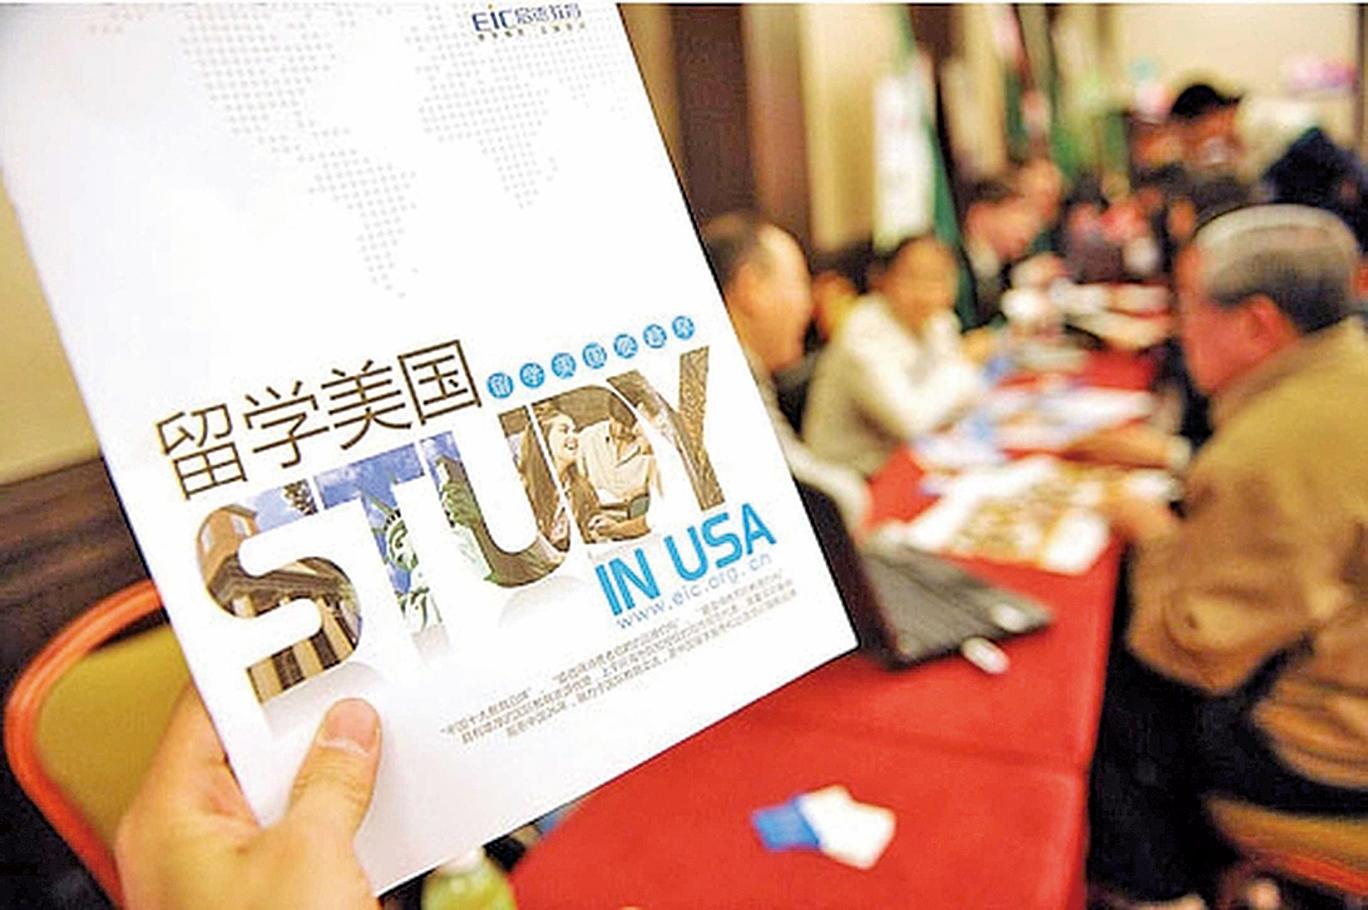 2005年到2015年期間,中國學生到美國就讀高中的人數,由637人增加到4.6萬人。(大紀元資料圖片)